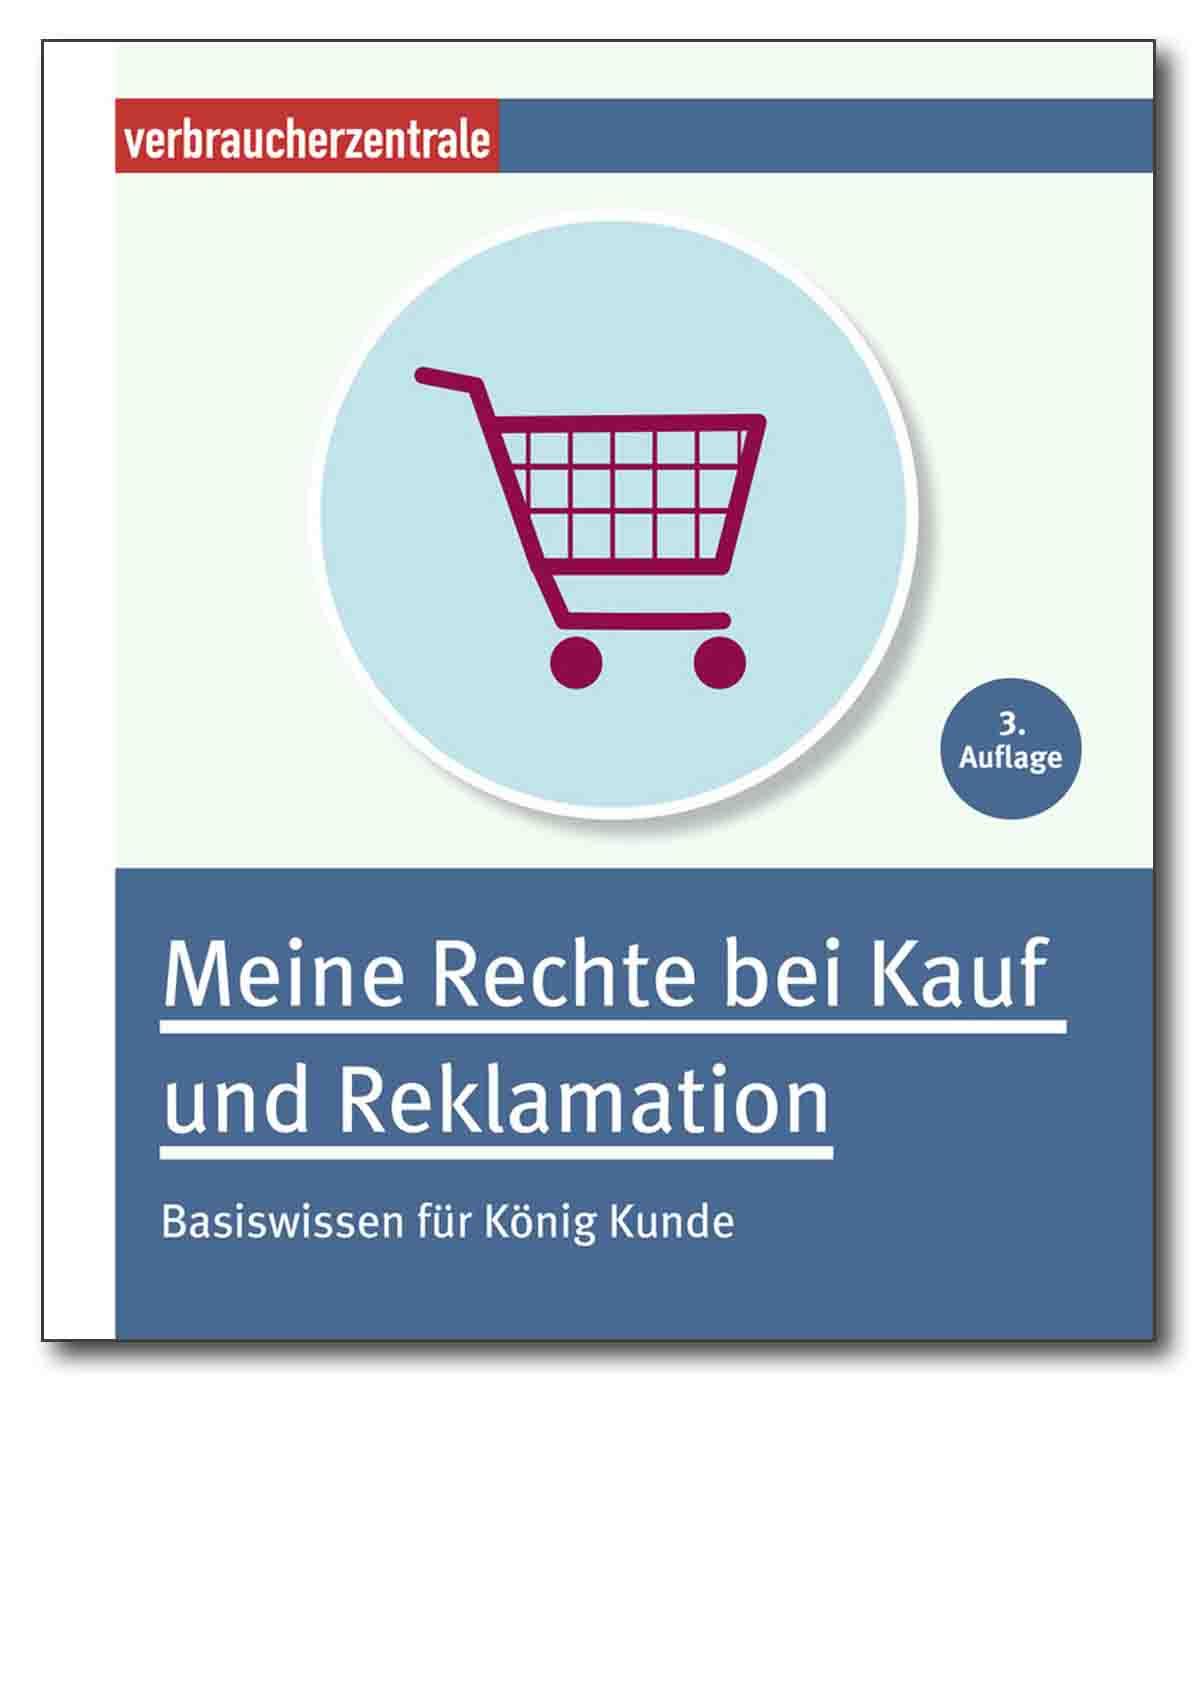 E-Book - Meine Rechte bei Kauf und Reklamation - Verbraucherzentrale